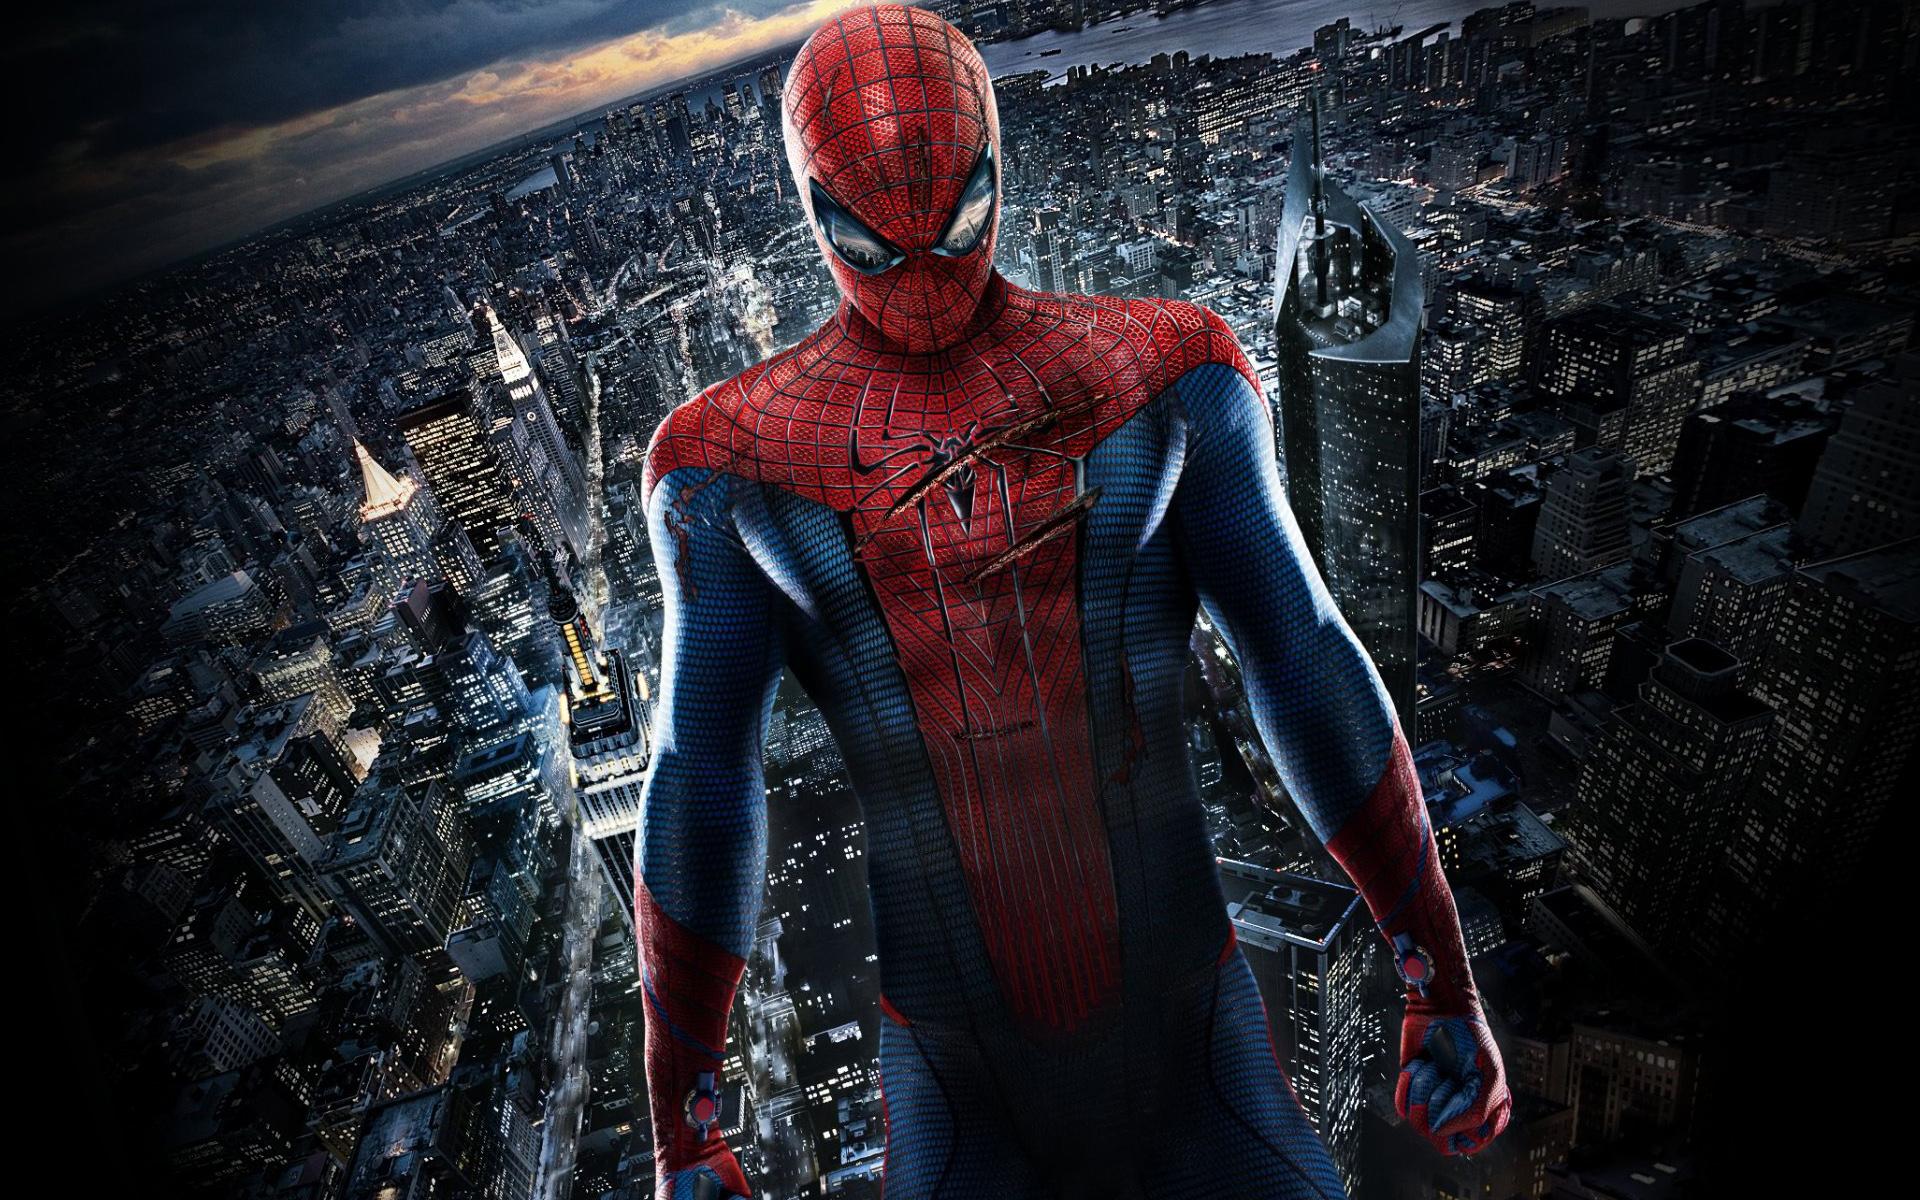 El hombre araña - 1920x1200